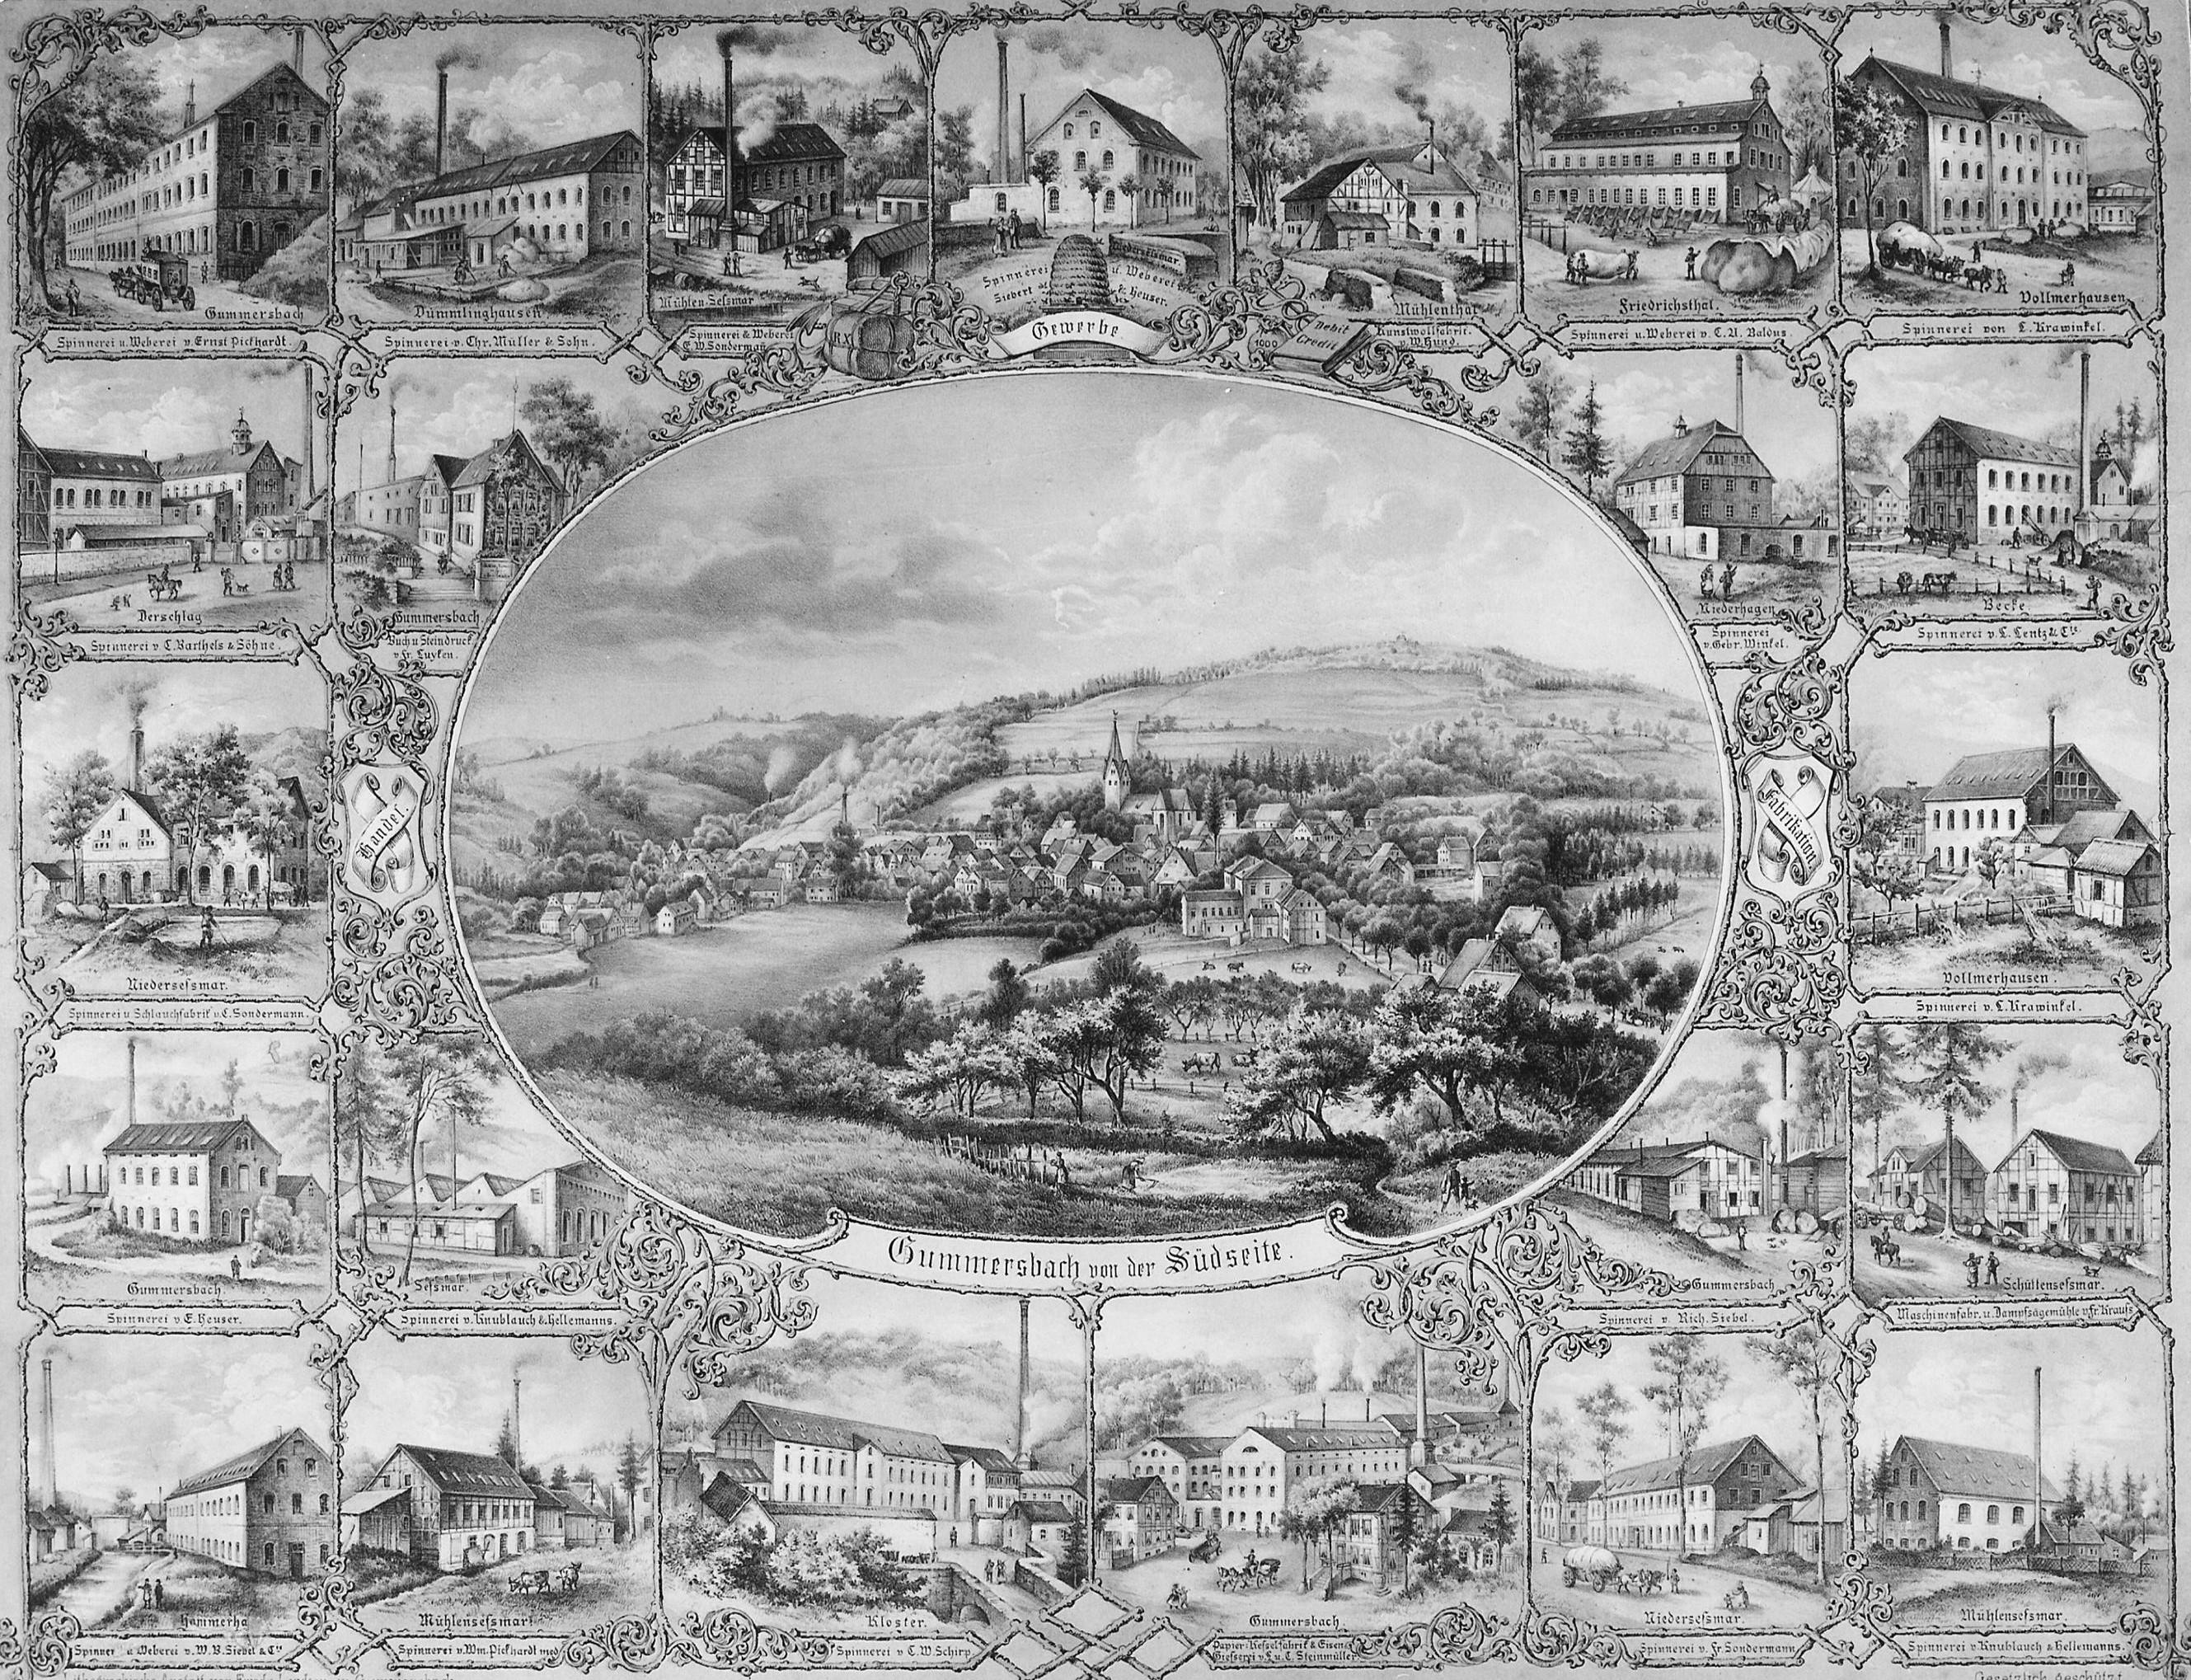 Historische Lithographie aus dem Jahre 1880